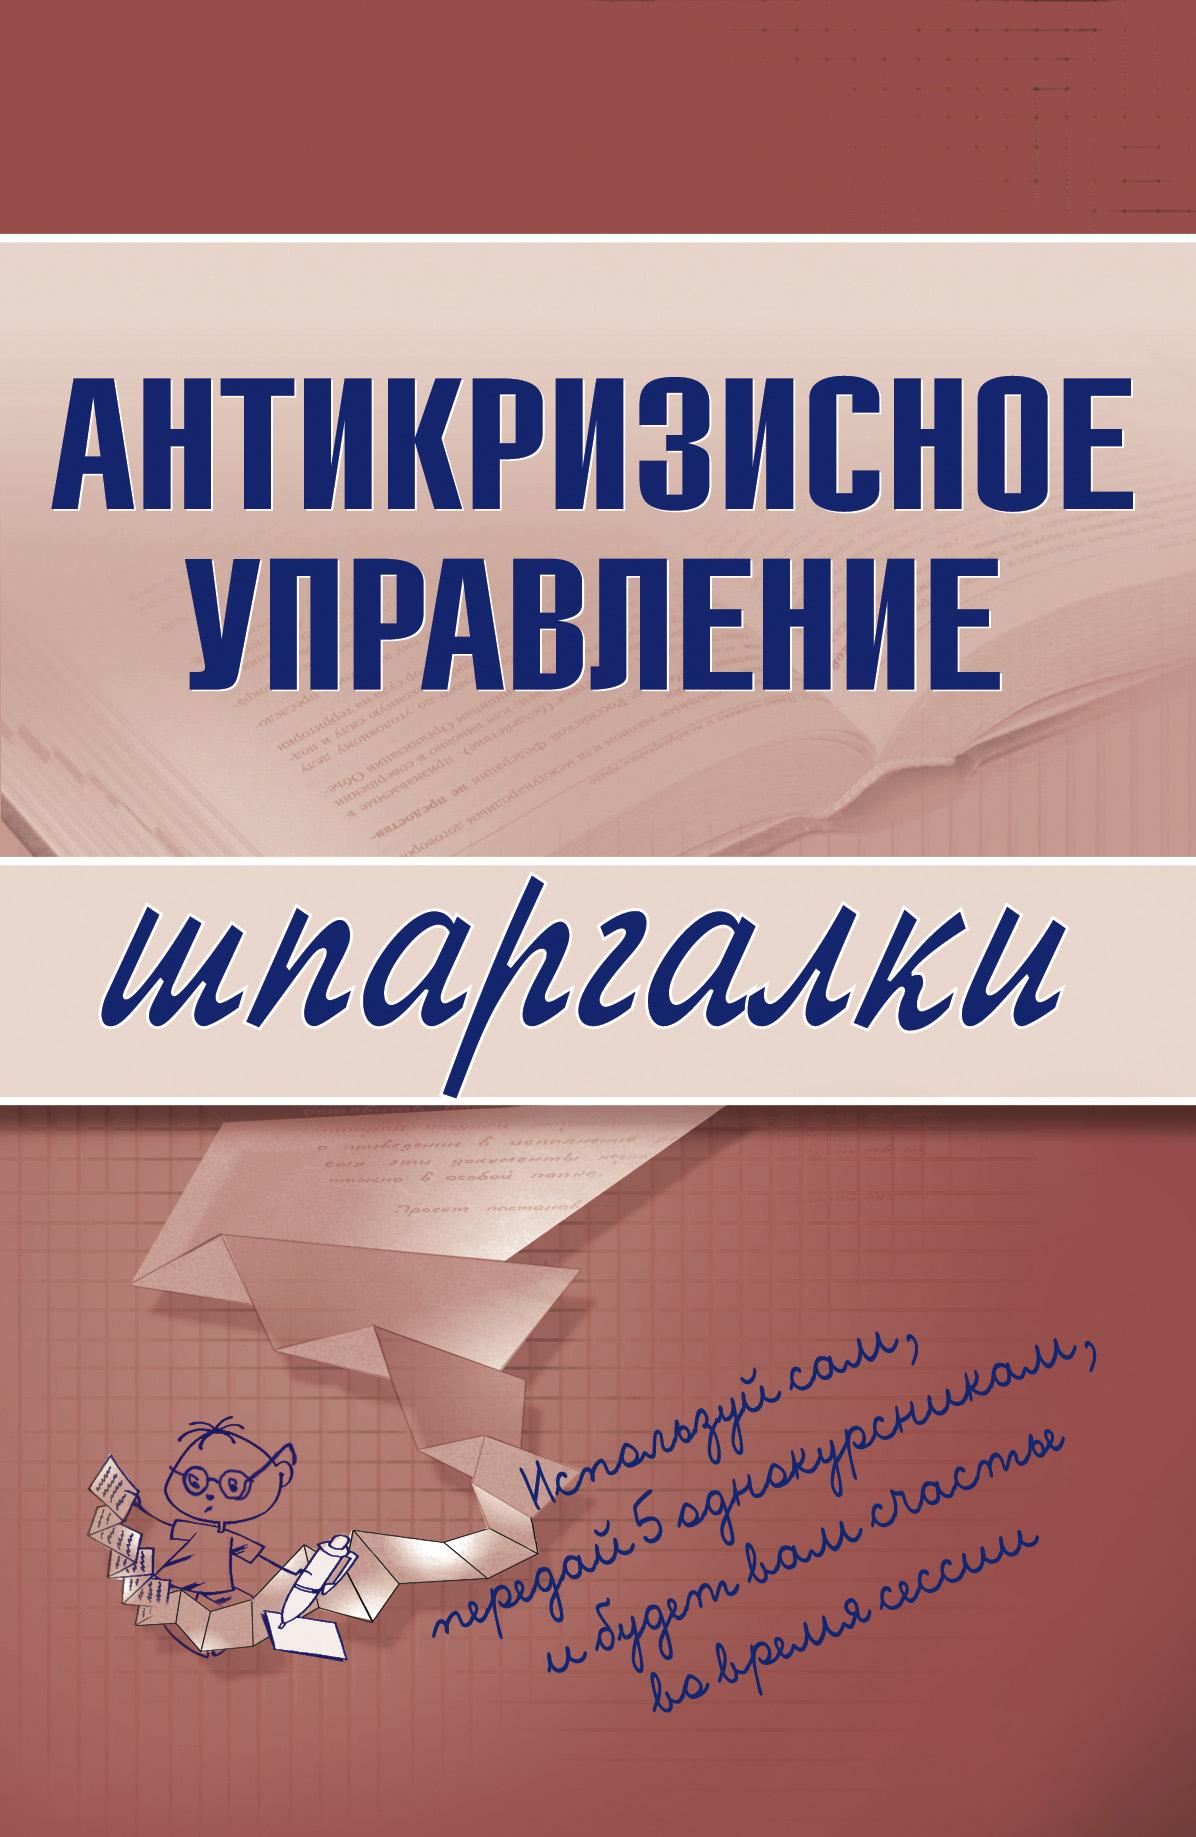 Олеся Бирюкова Антикризисное управление с с диденко антикризисное управление шпаргалка